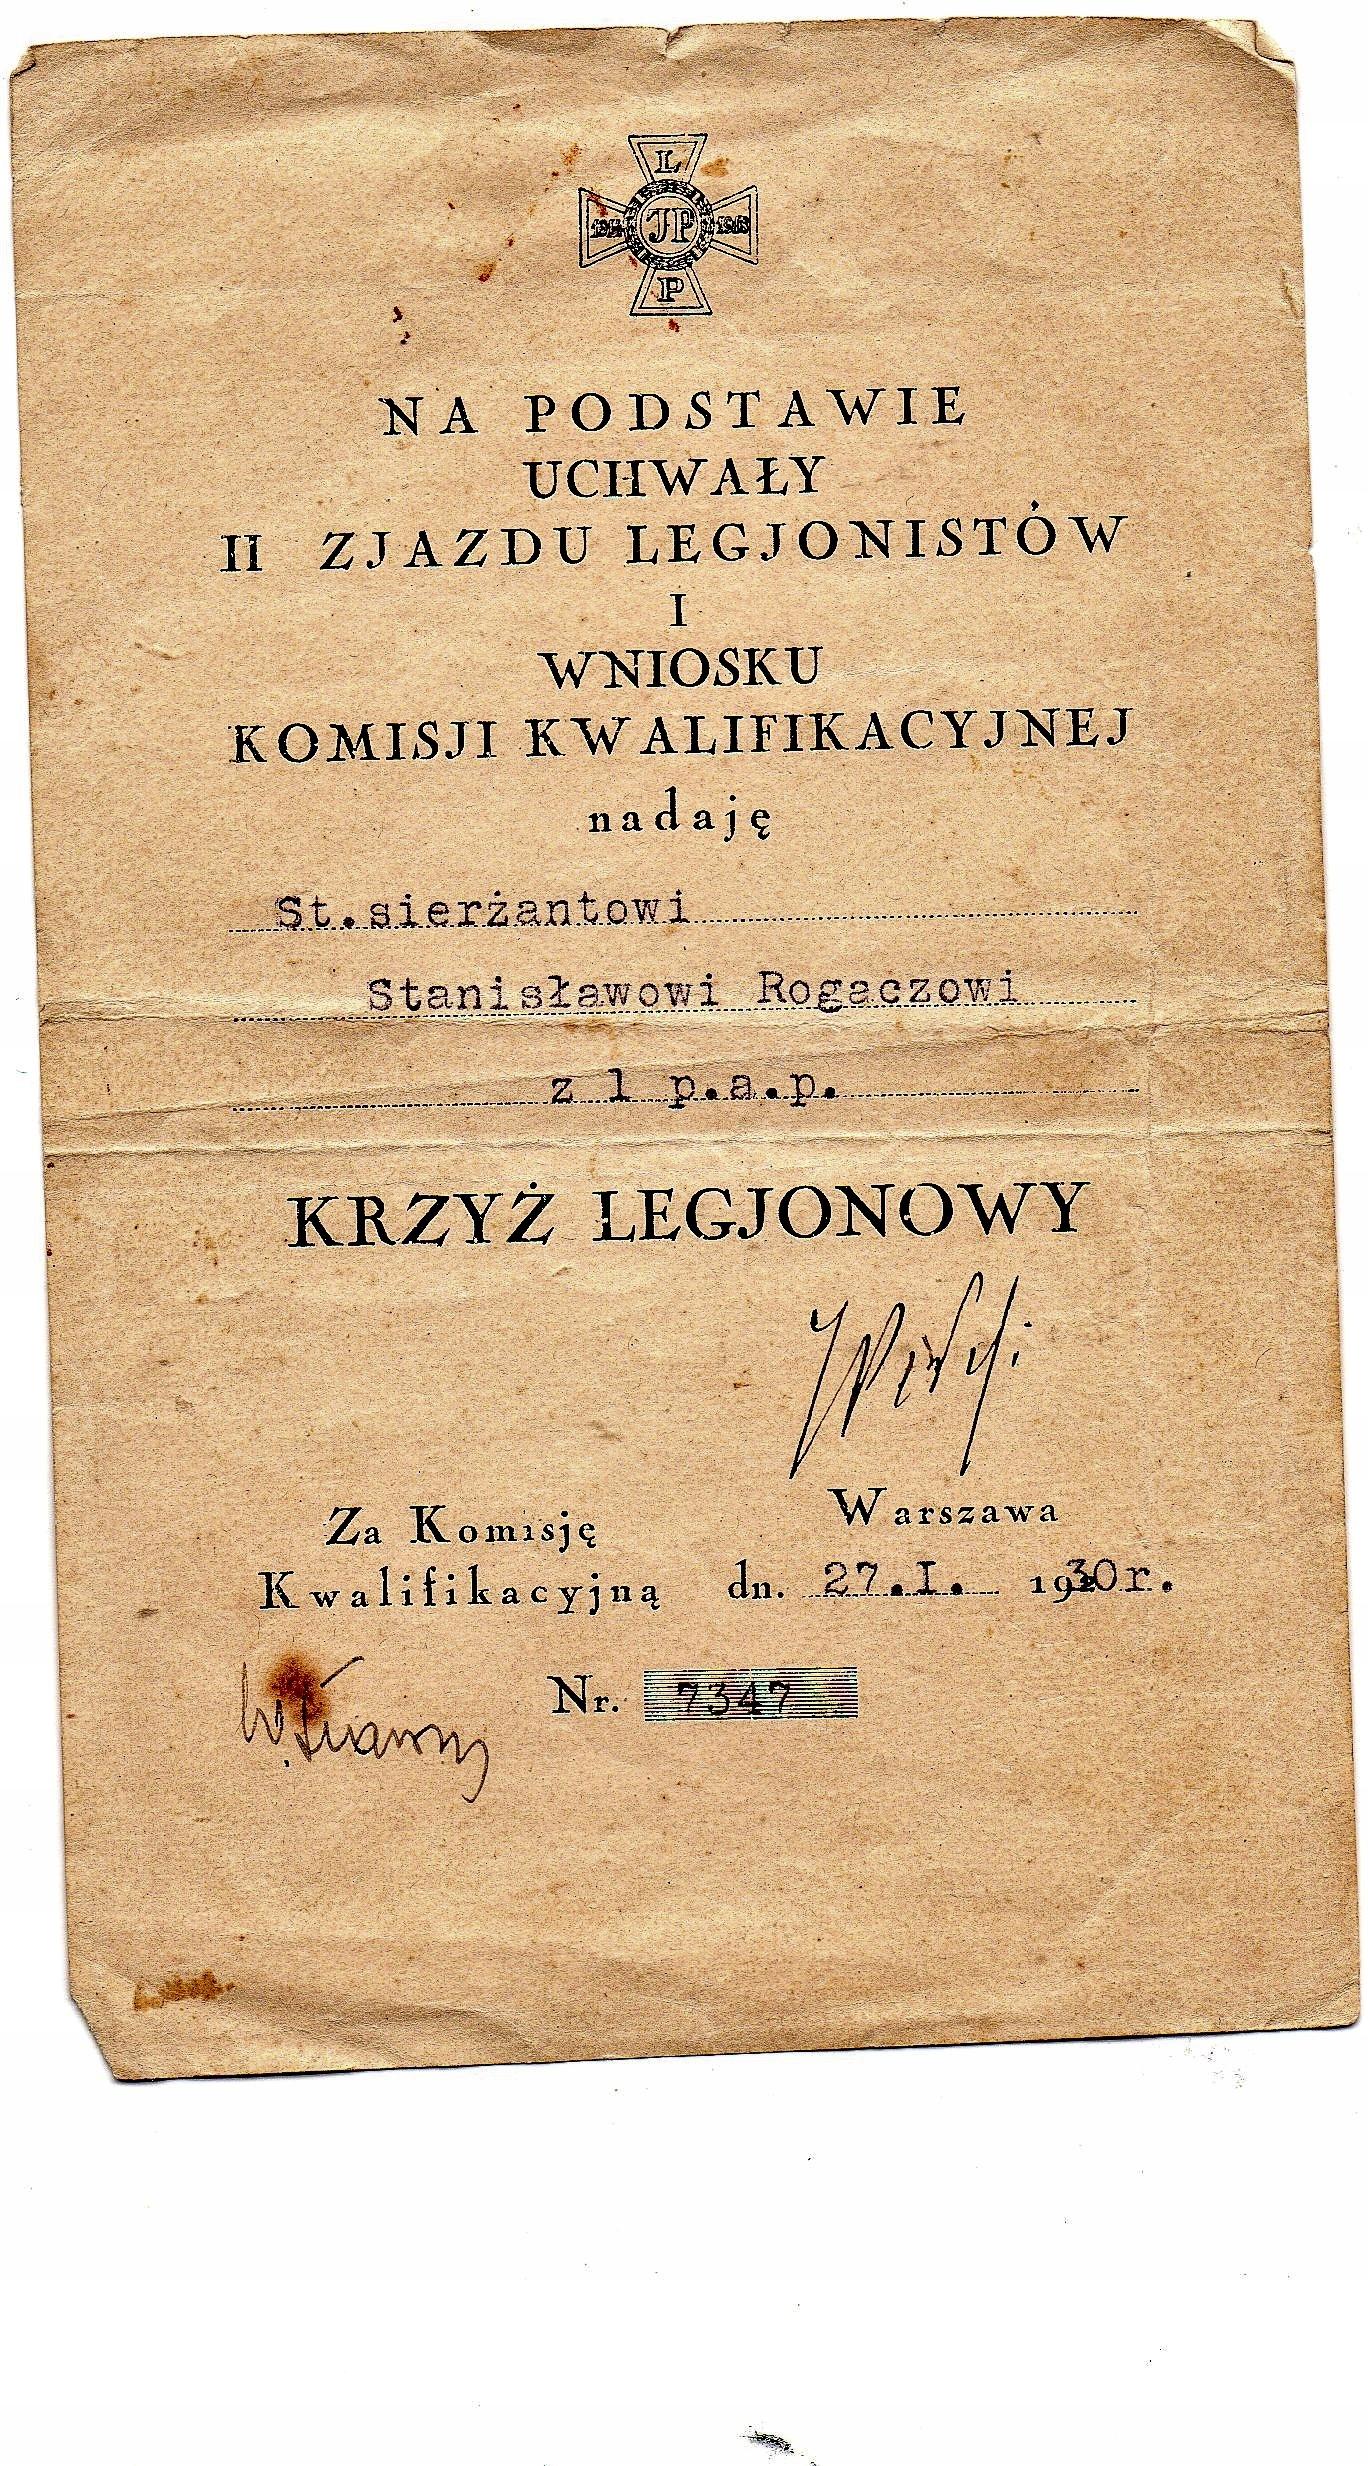 Dyplom nadania Krzyz Legionowy